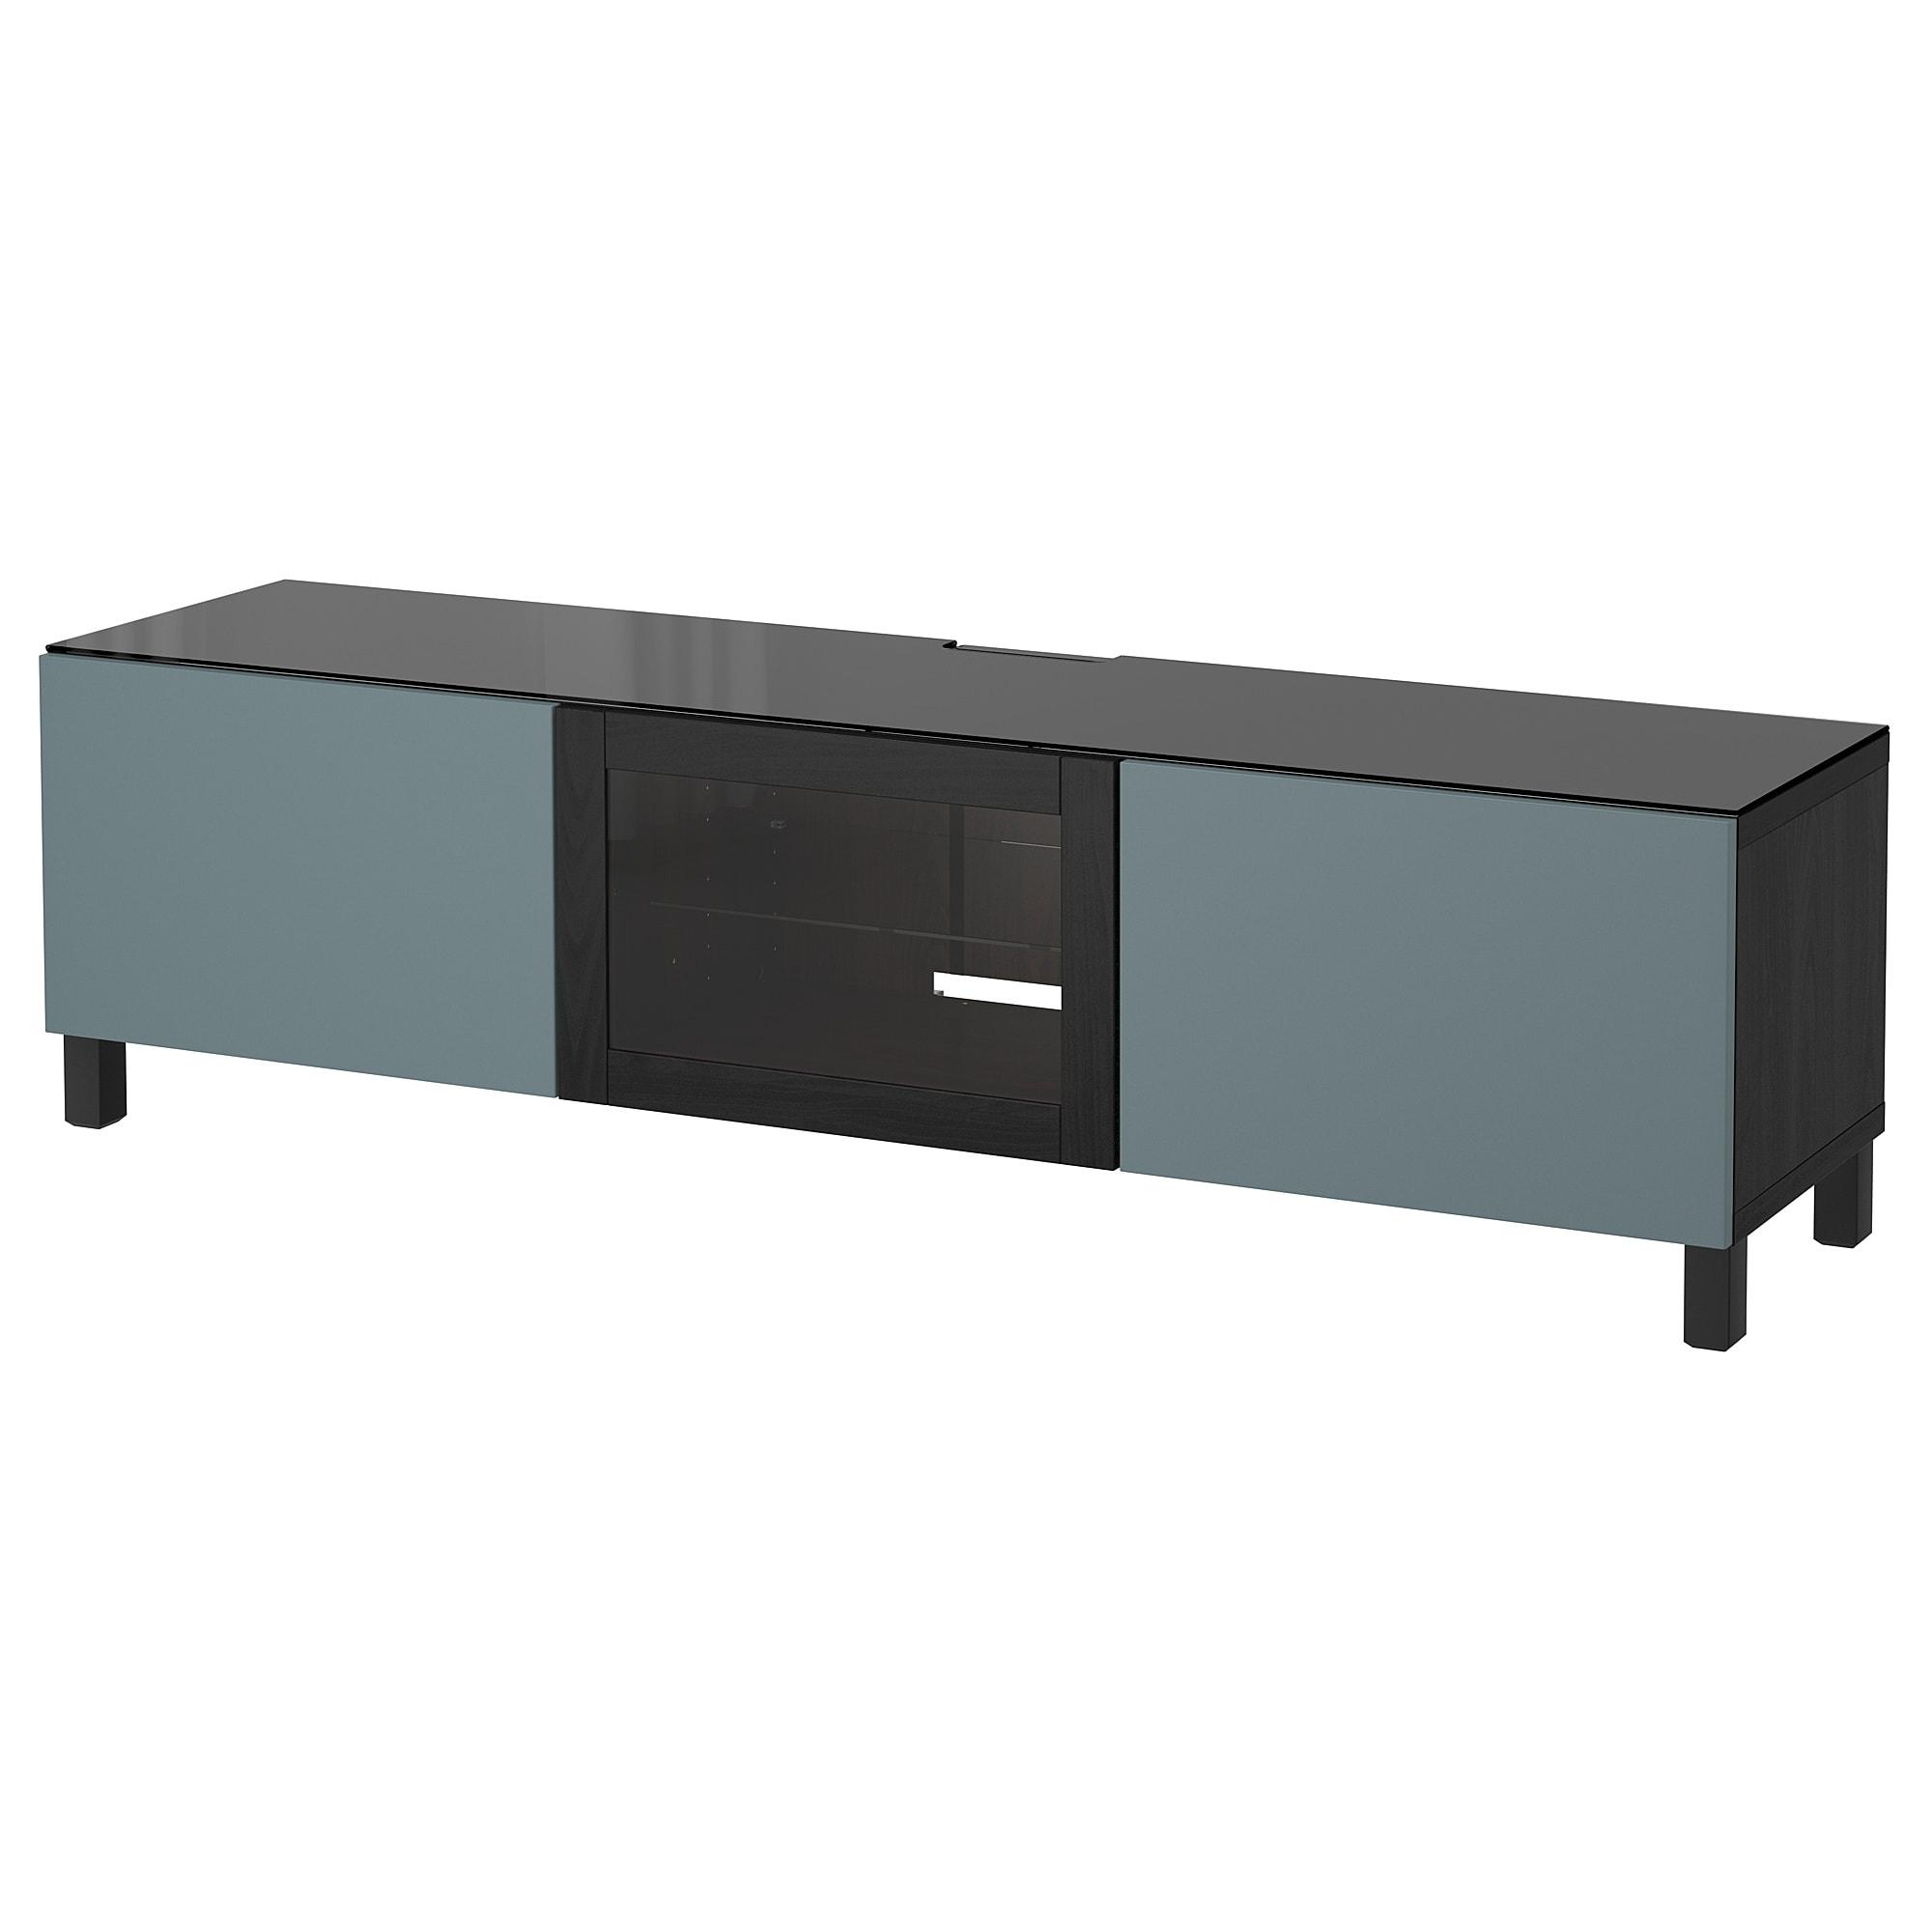 Тумба под ТВ, с дверцами БЕСТО артикуль № 392.450.06 в наличии. Онлайн сайт IKEA РБ. Недорогая доставка и соборка.